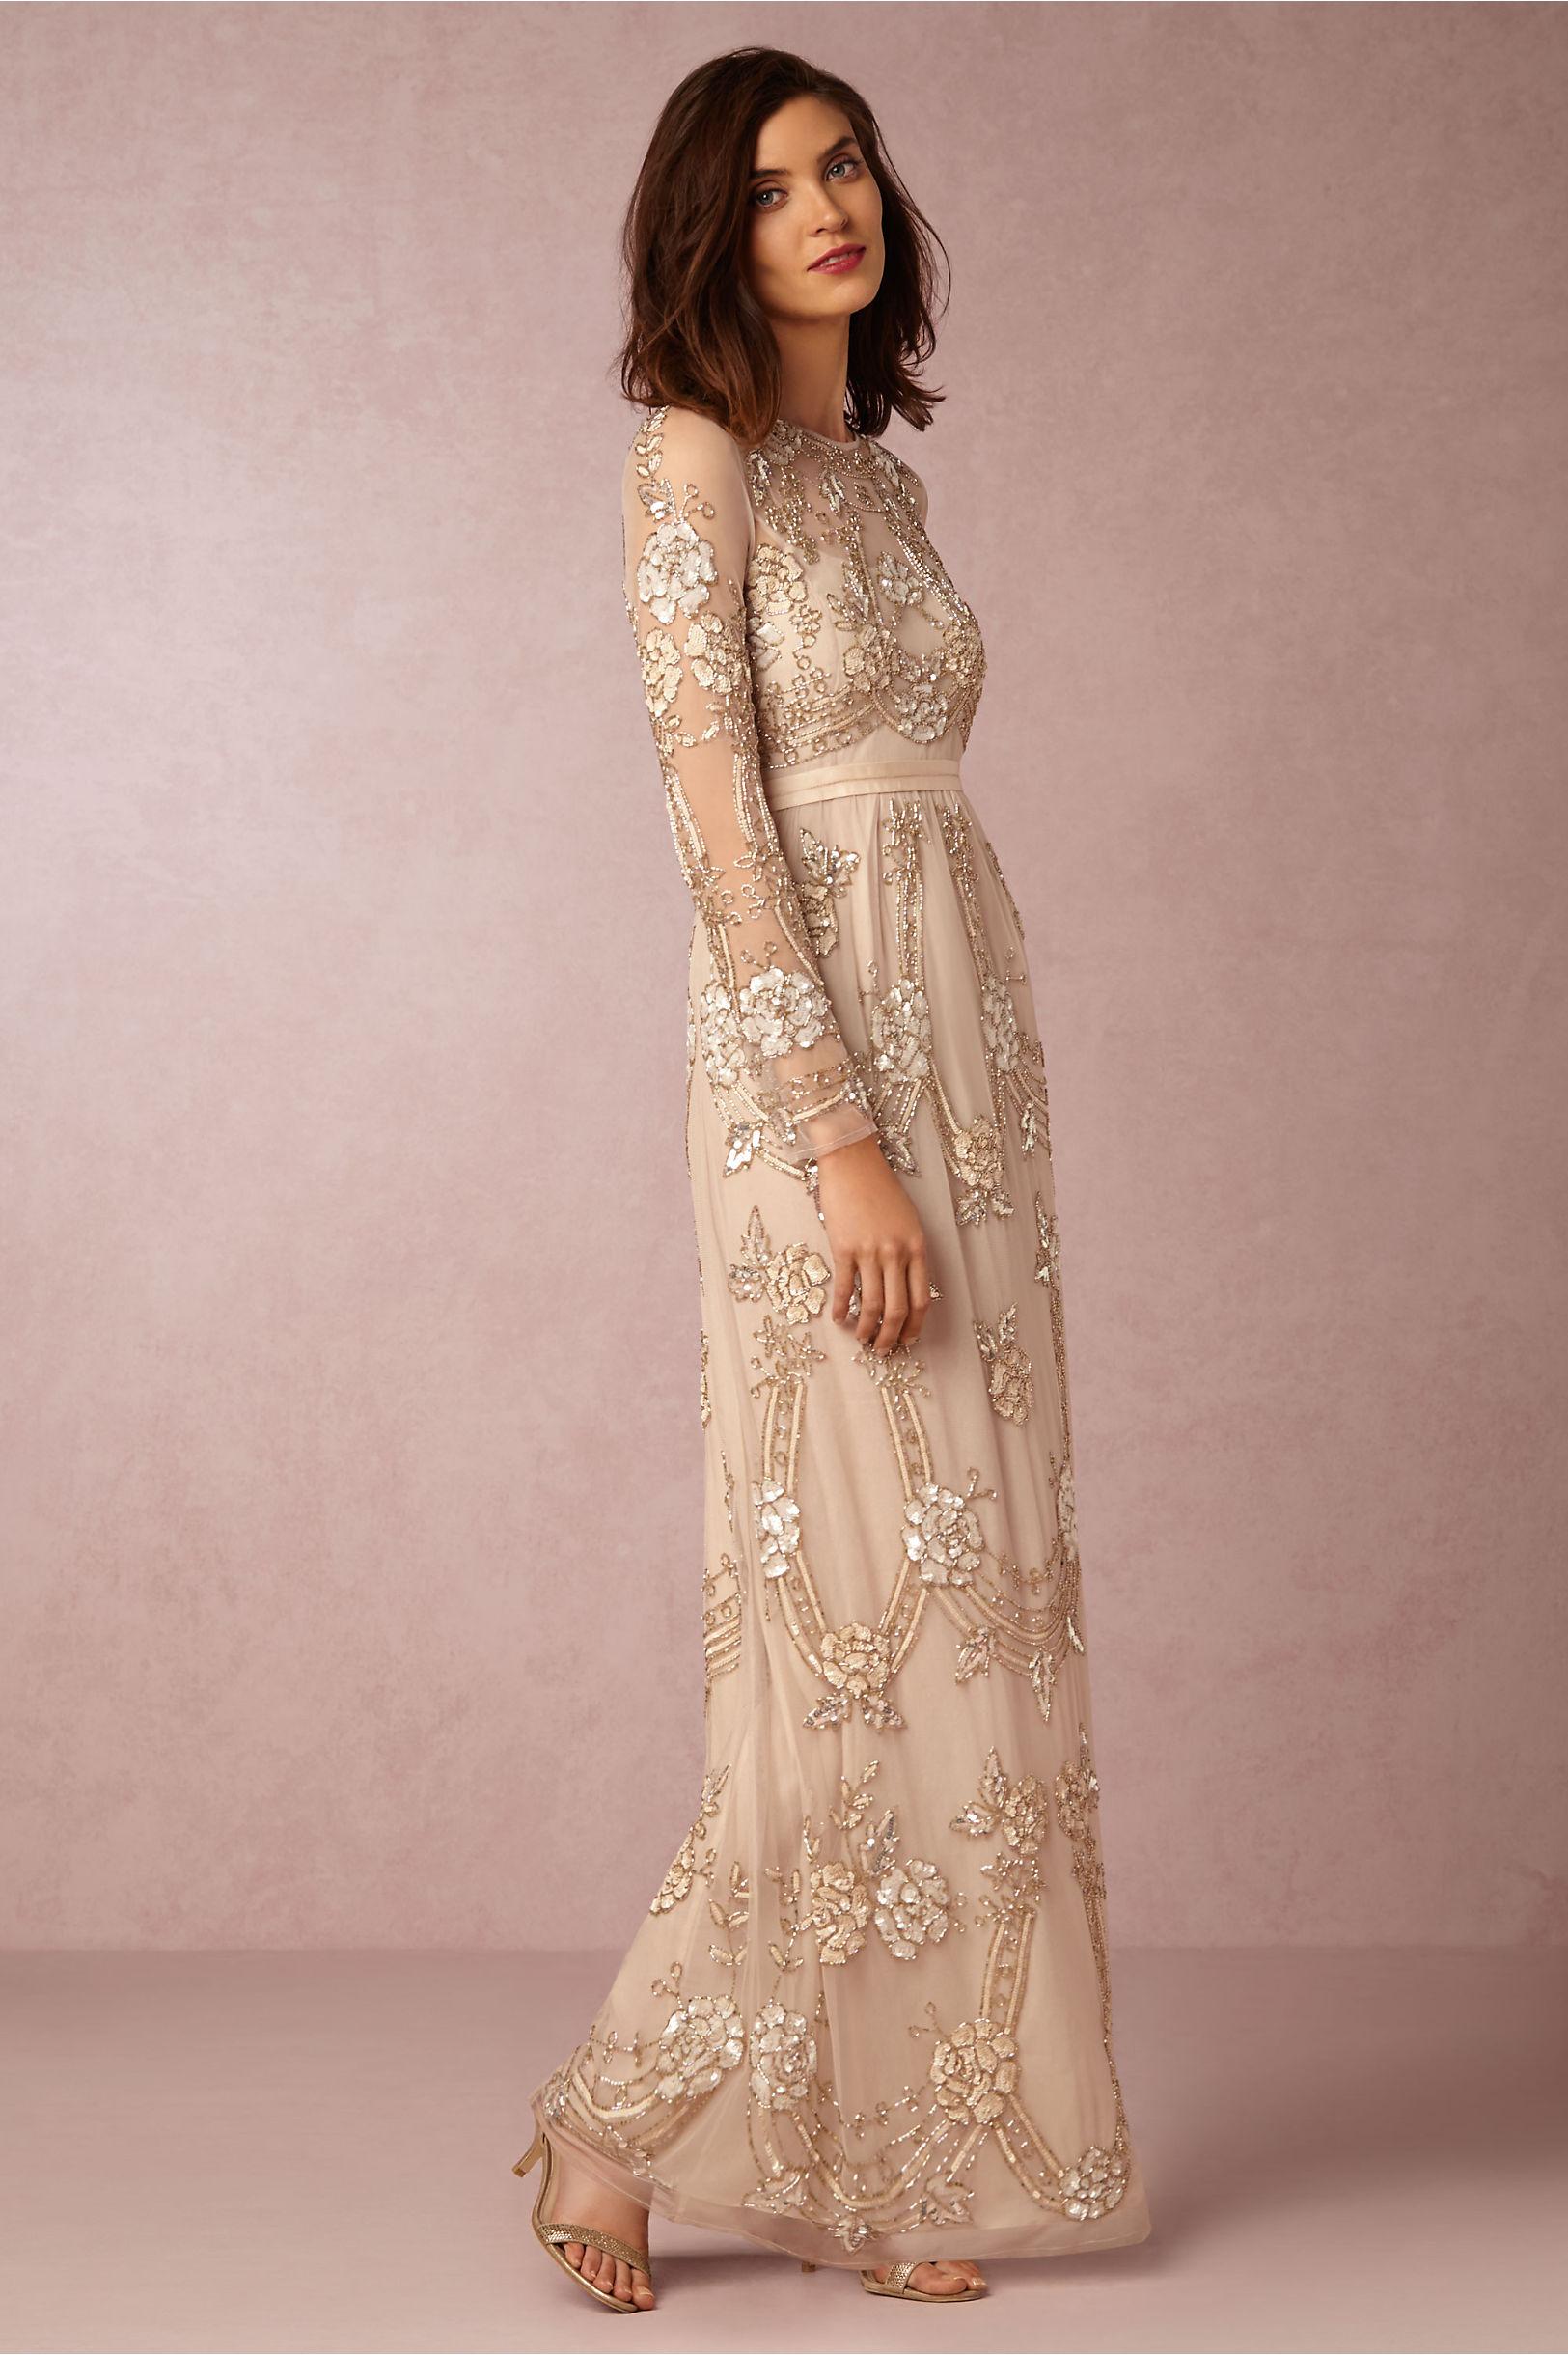 Long Sleeve Embellished Wedding Dress